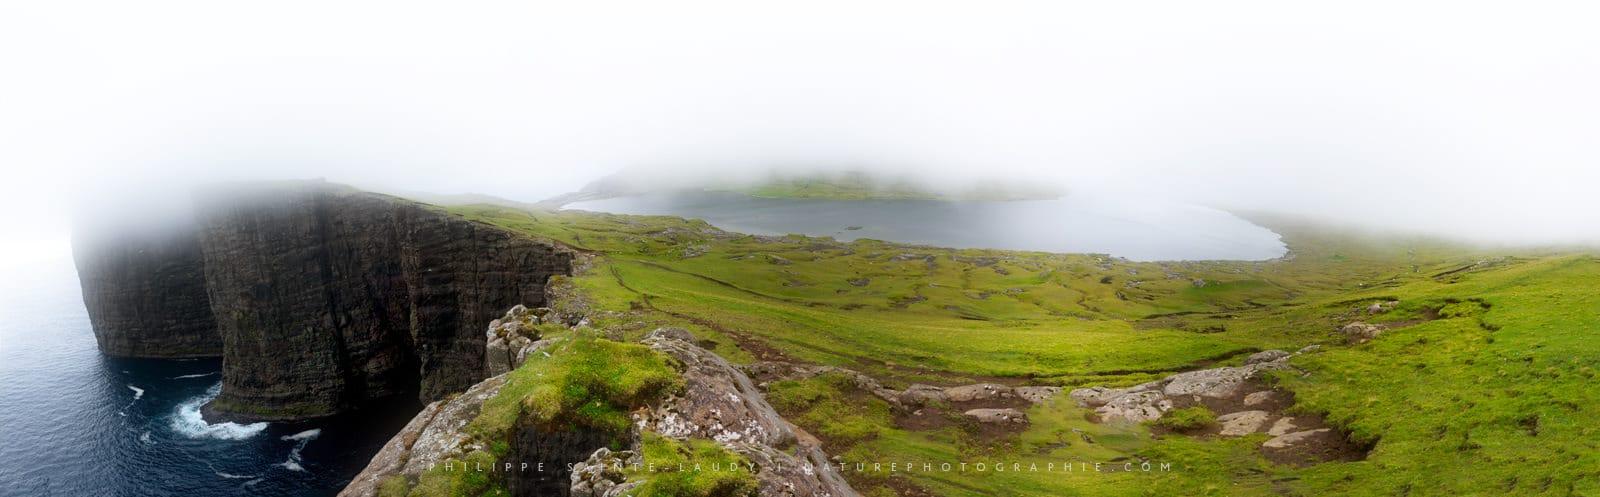 Sørvágsvatn Panorama